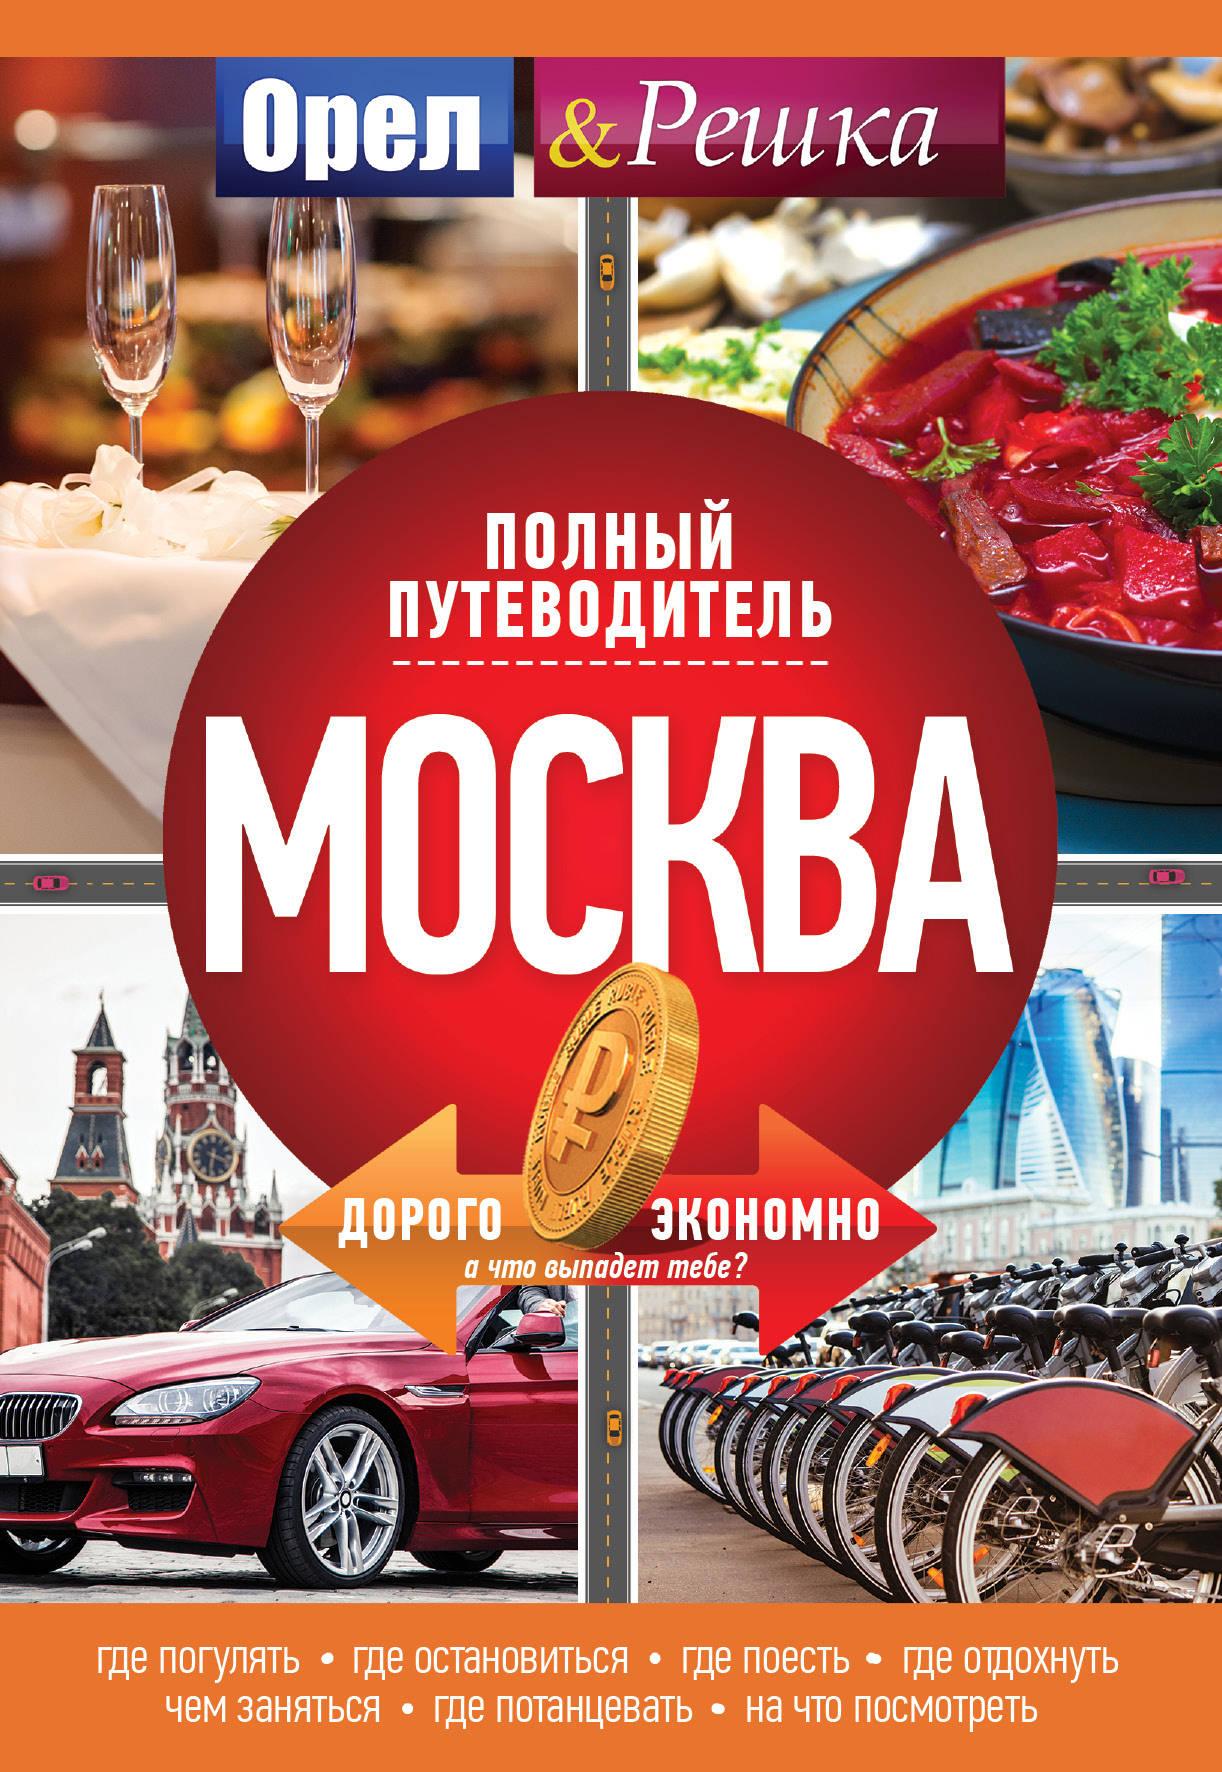 Москва. Полный путеводитель Орла и решки